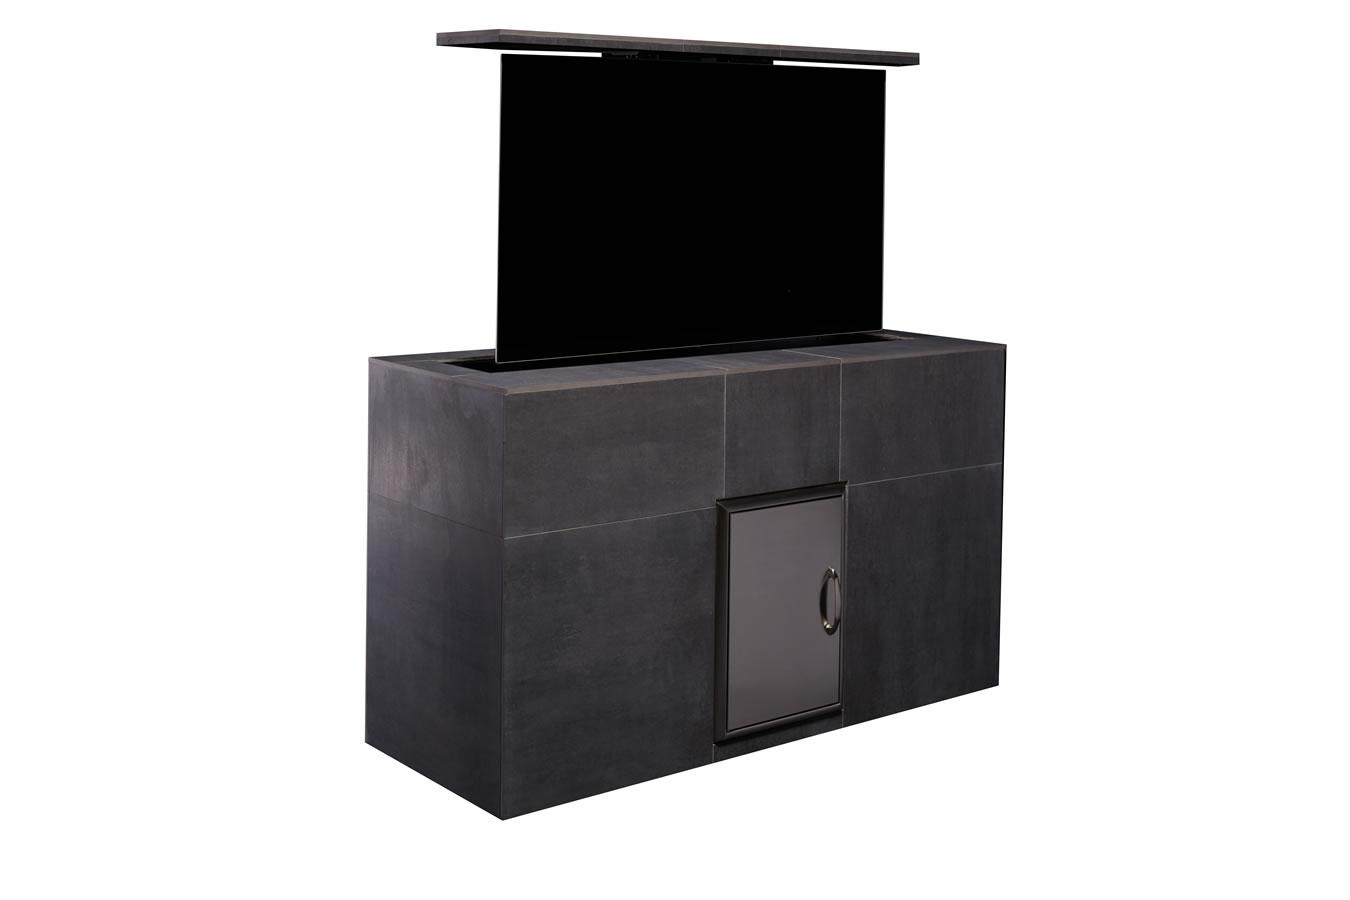 mamawood mantel porcelain tile outdoor tv lift cabinet. Black Bedroom Furniture Sets. Home Design Ideas